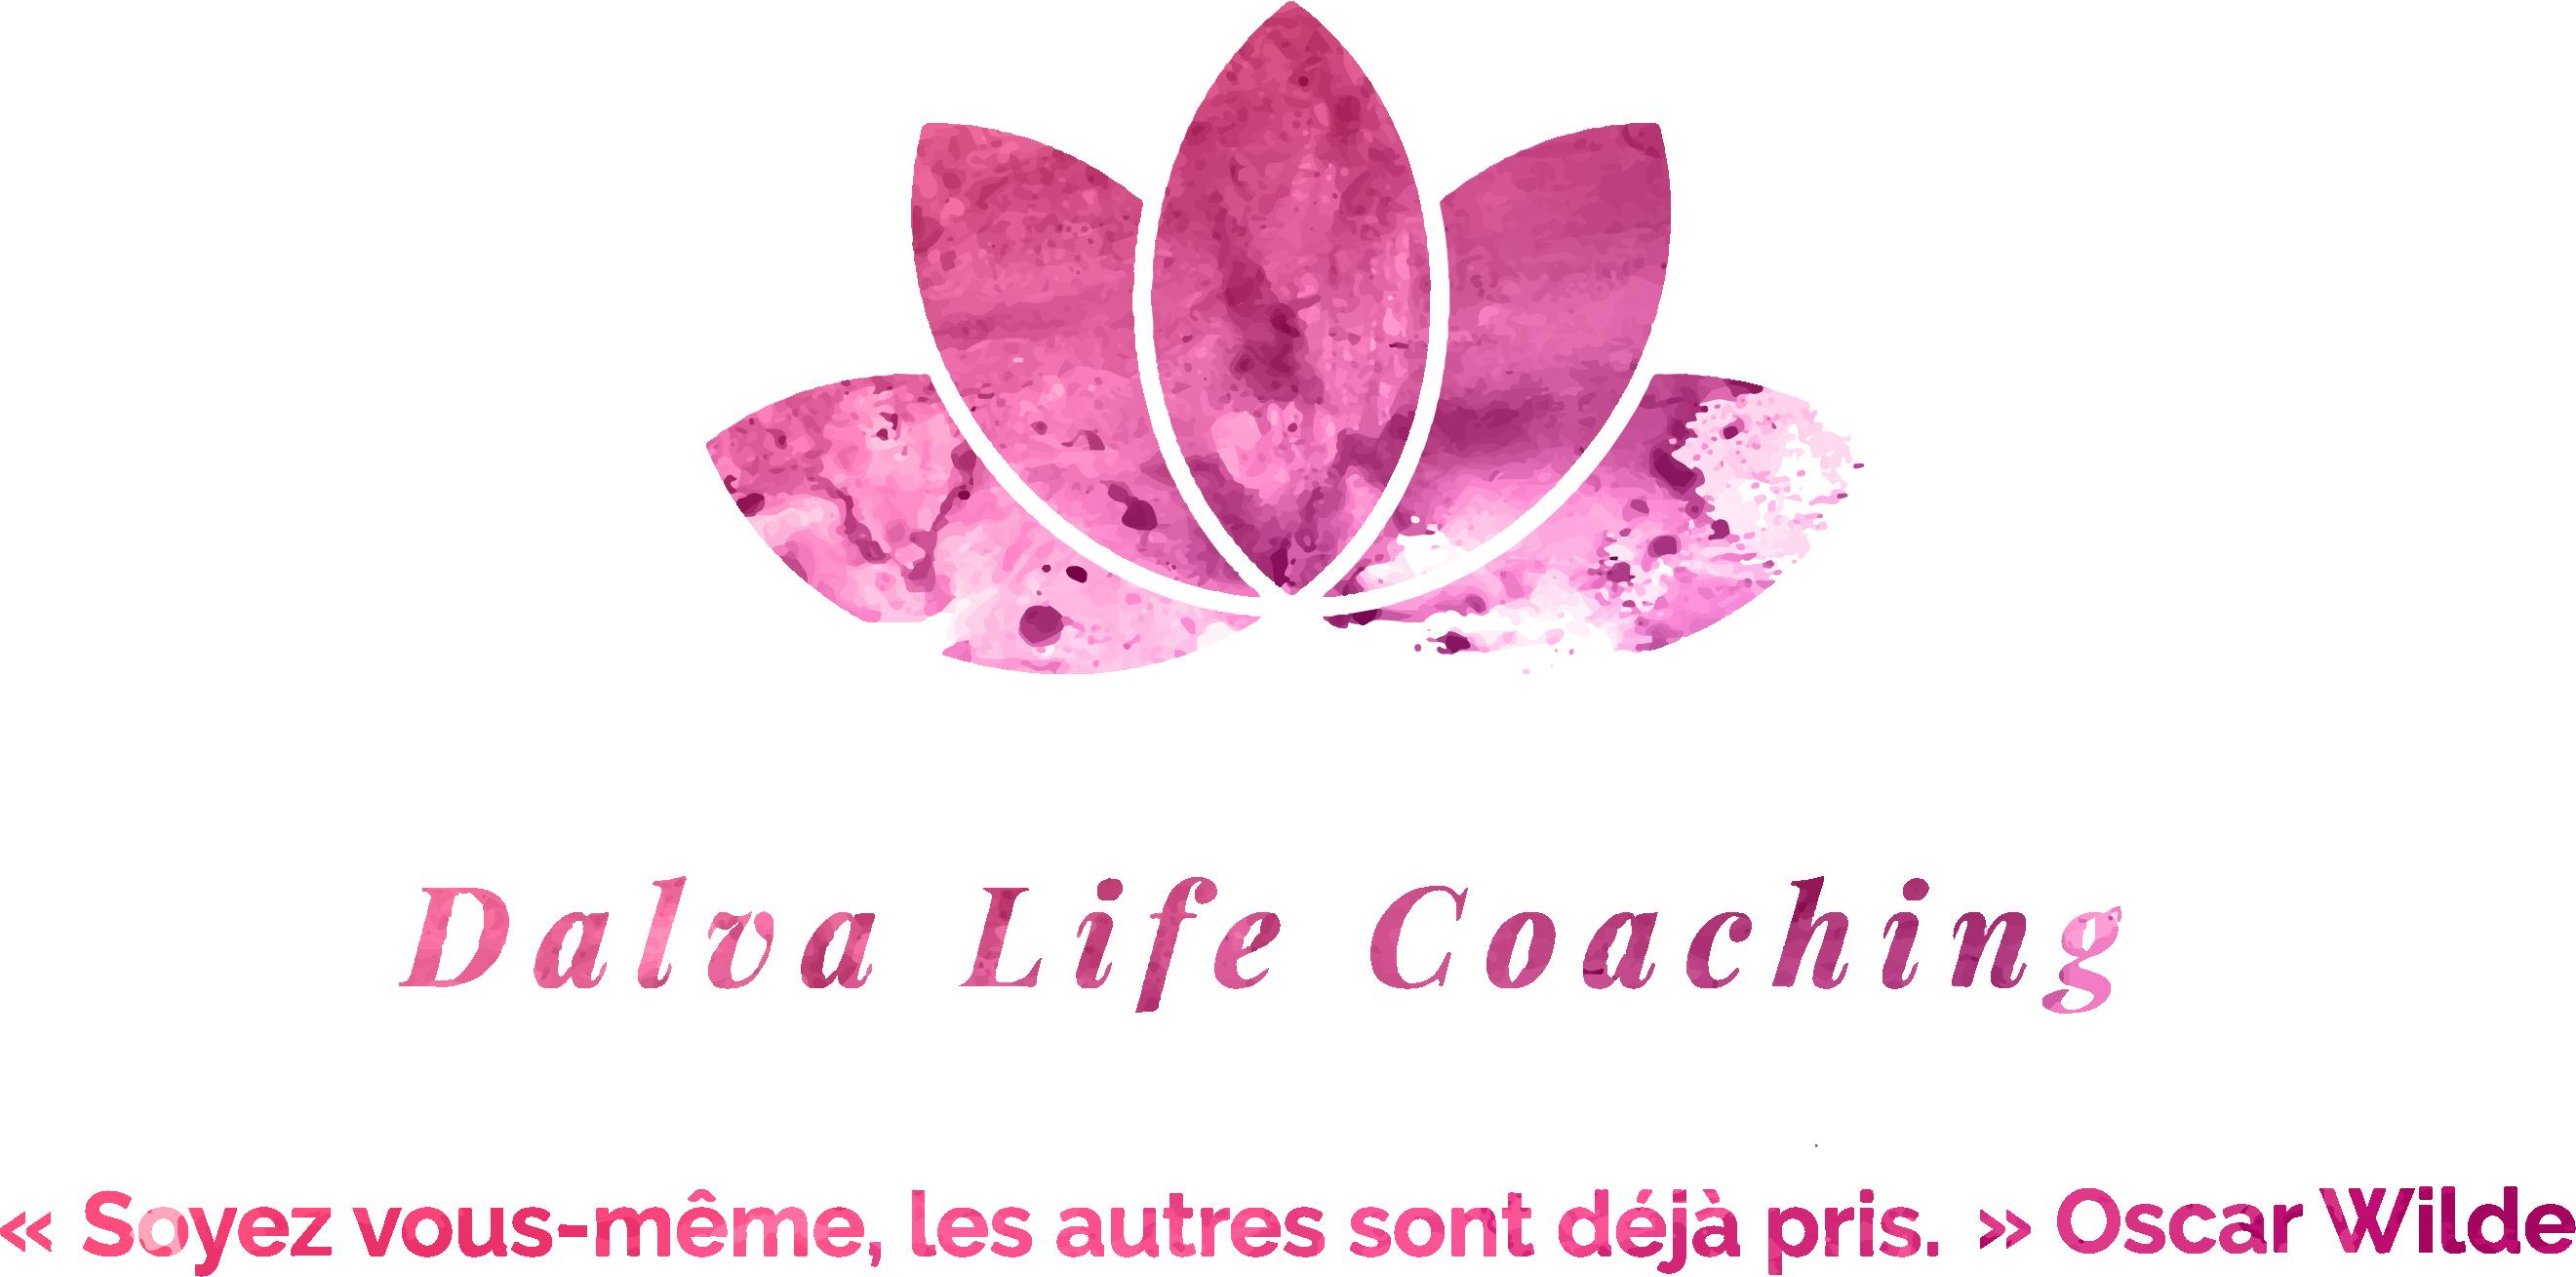 Dalva Life Coaching, coach de vie